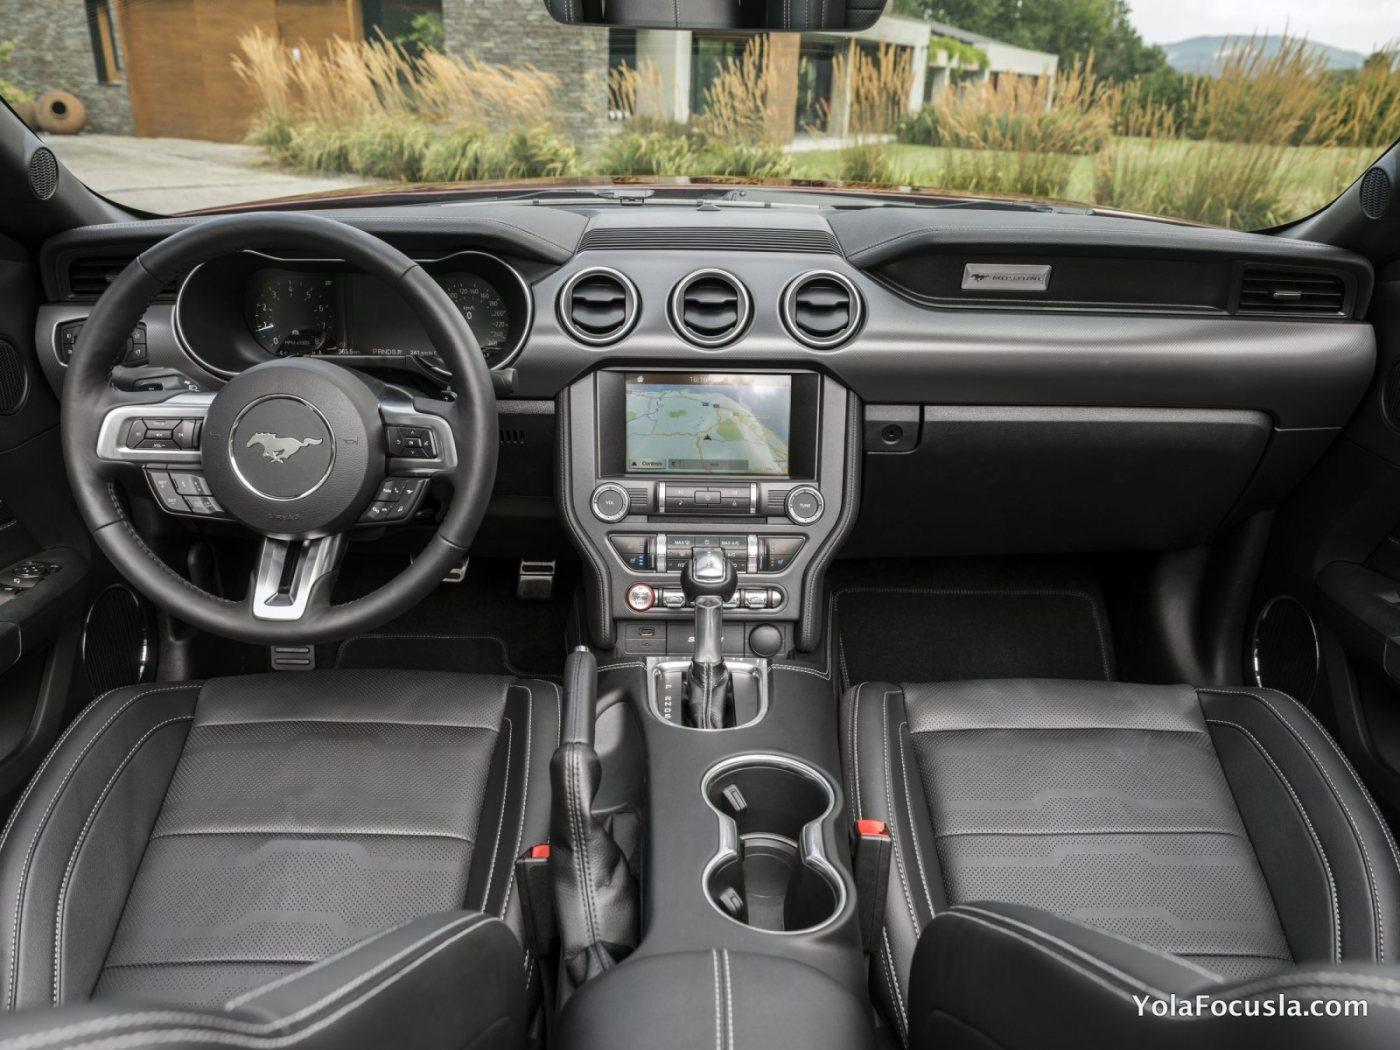 Ford_Mustang_Avrupa_IAA_3.jpg